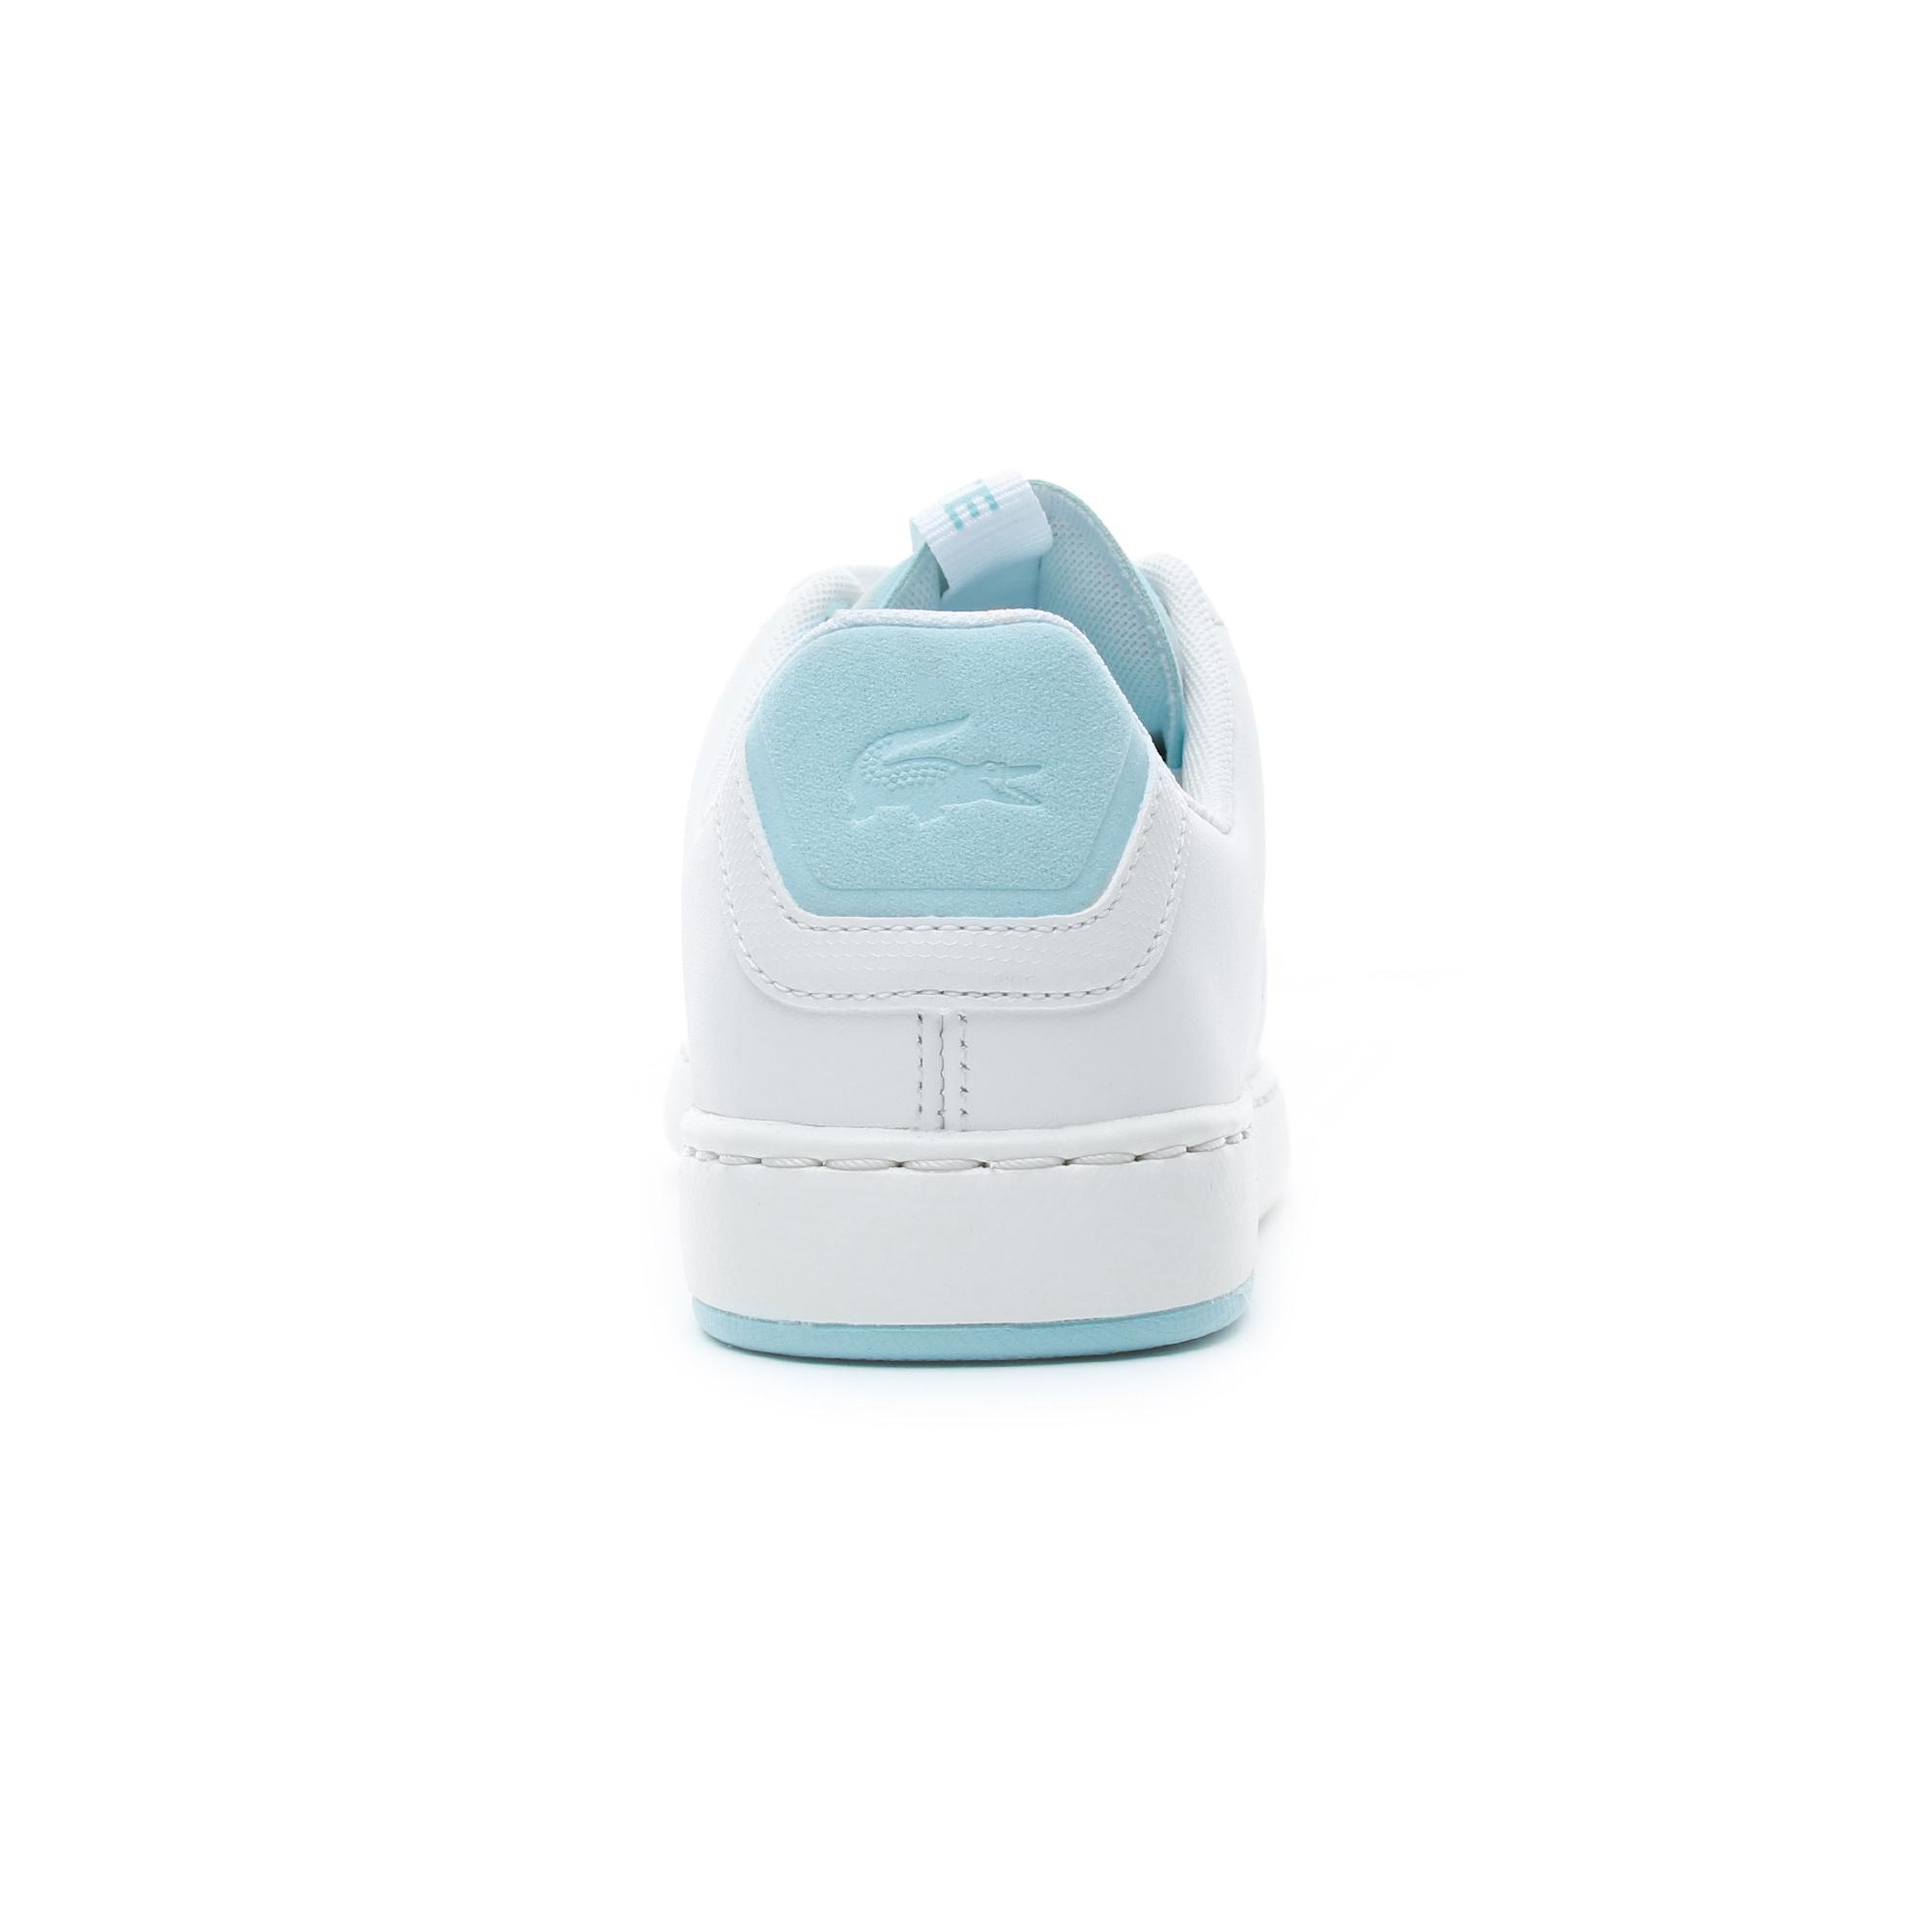 Lacoste Carnaby Evo Kadın Beyaz - Açık Yeşil Spor Ayakkabı